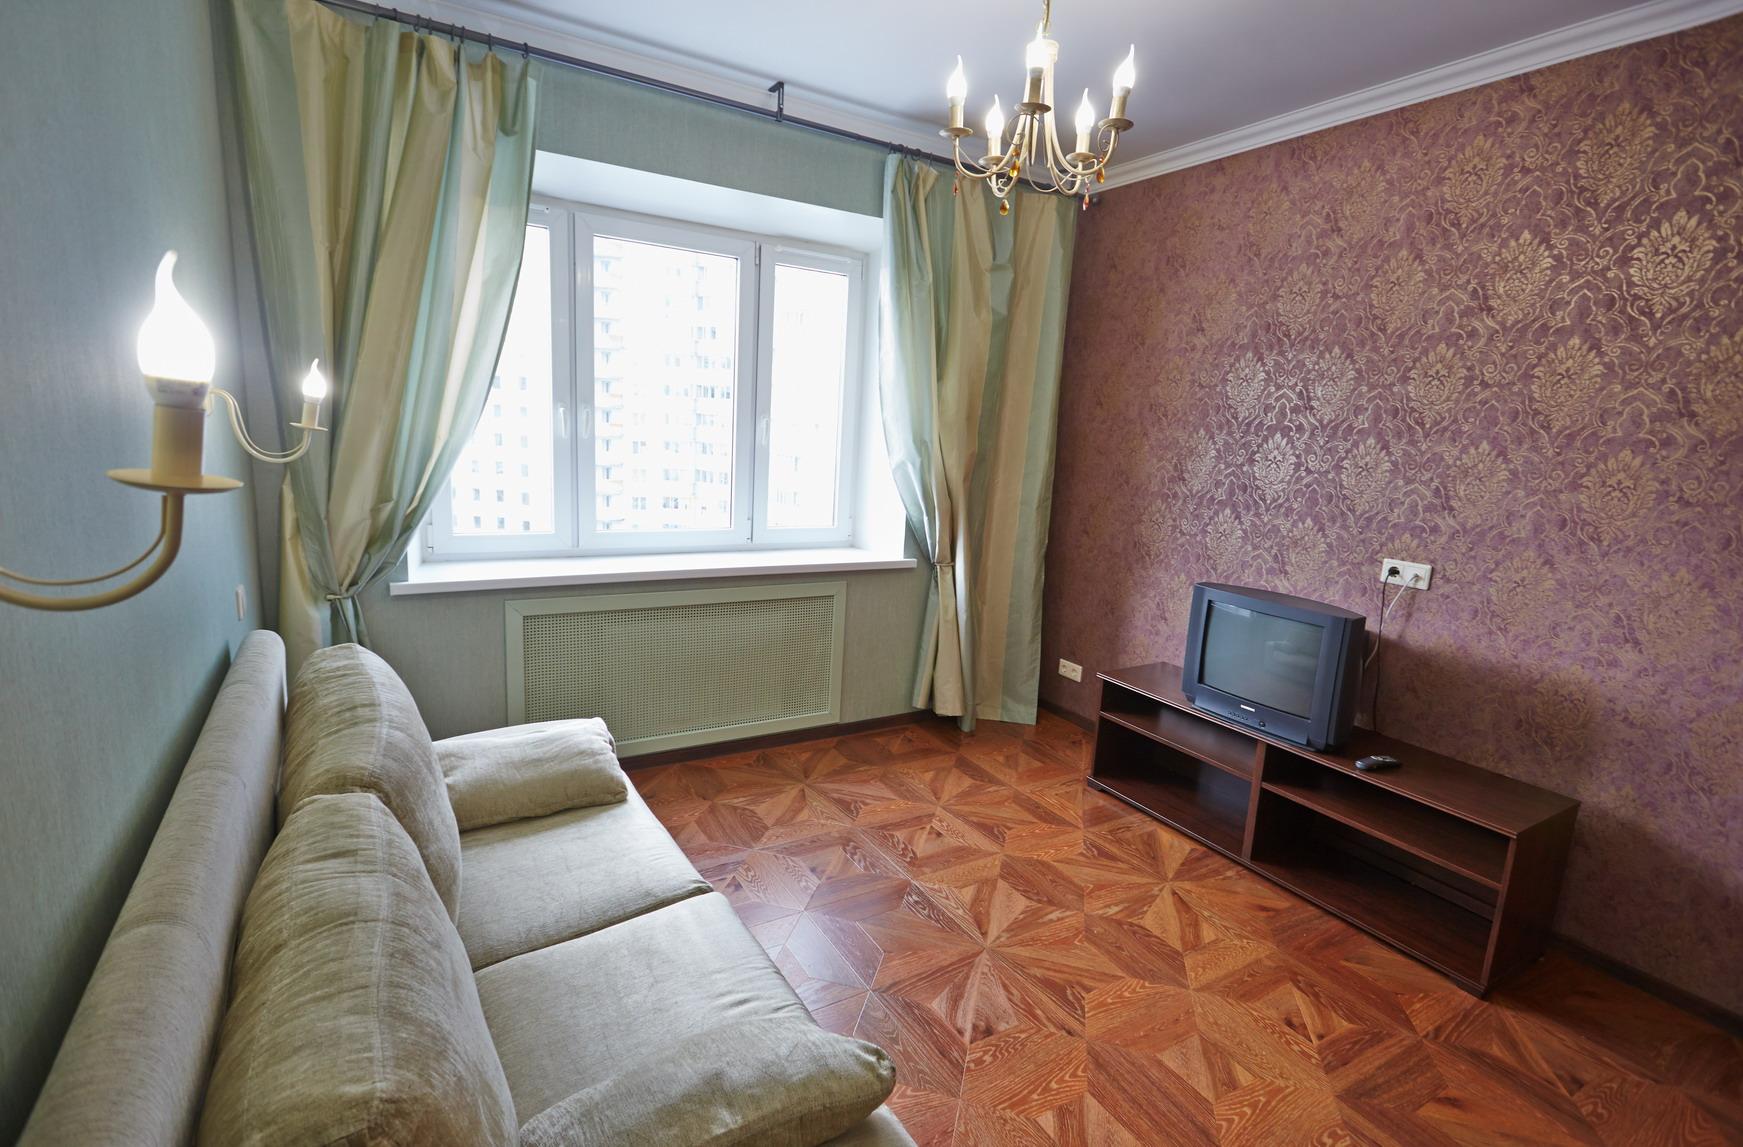 Продажа 2 комнатной квартиры Санкт-Петербург, ул. Оптиков, 45к2